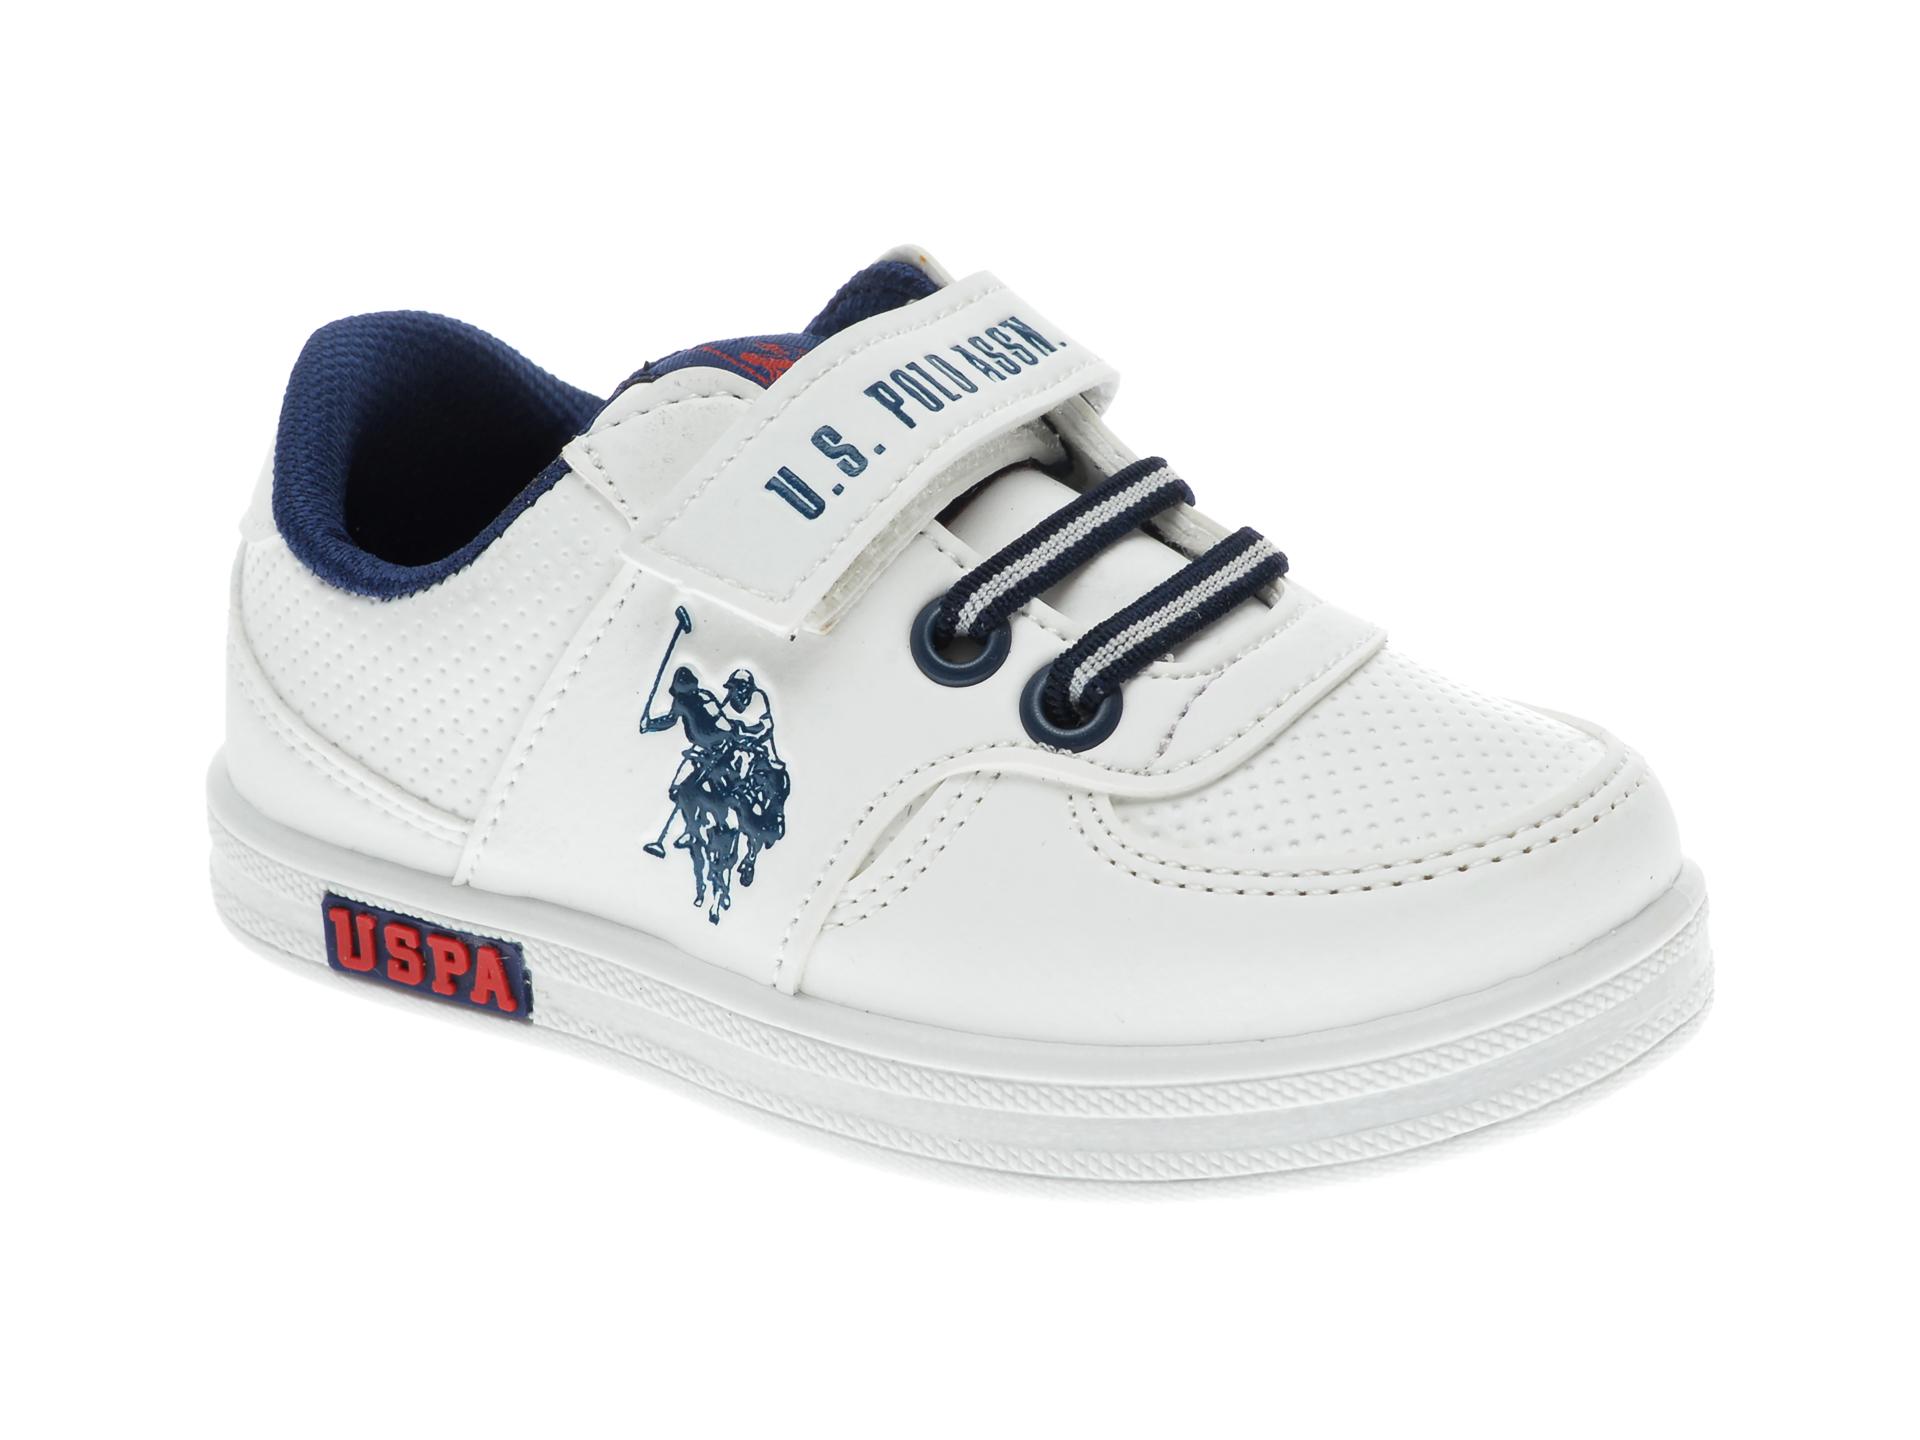 Pantofi Sport Us Polo Assn Albi, 241648, Din Piele Ecologica